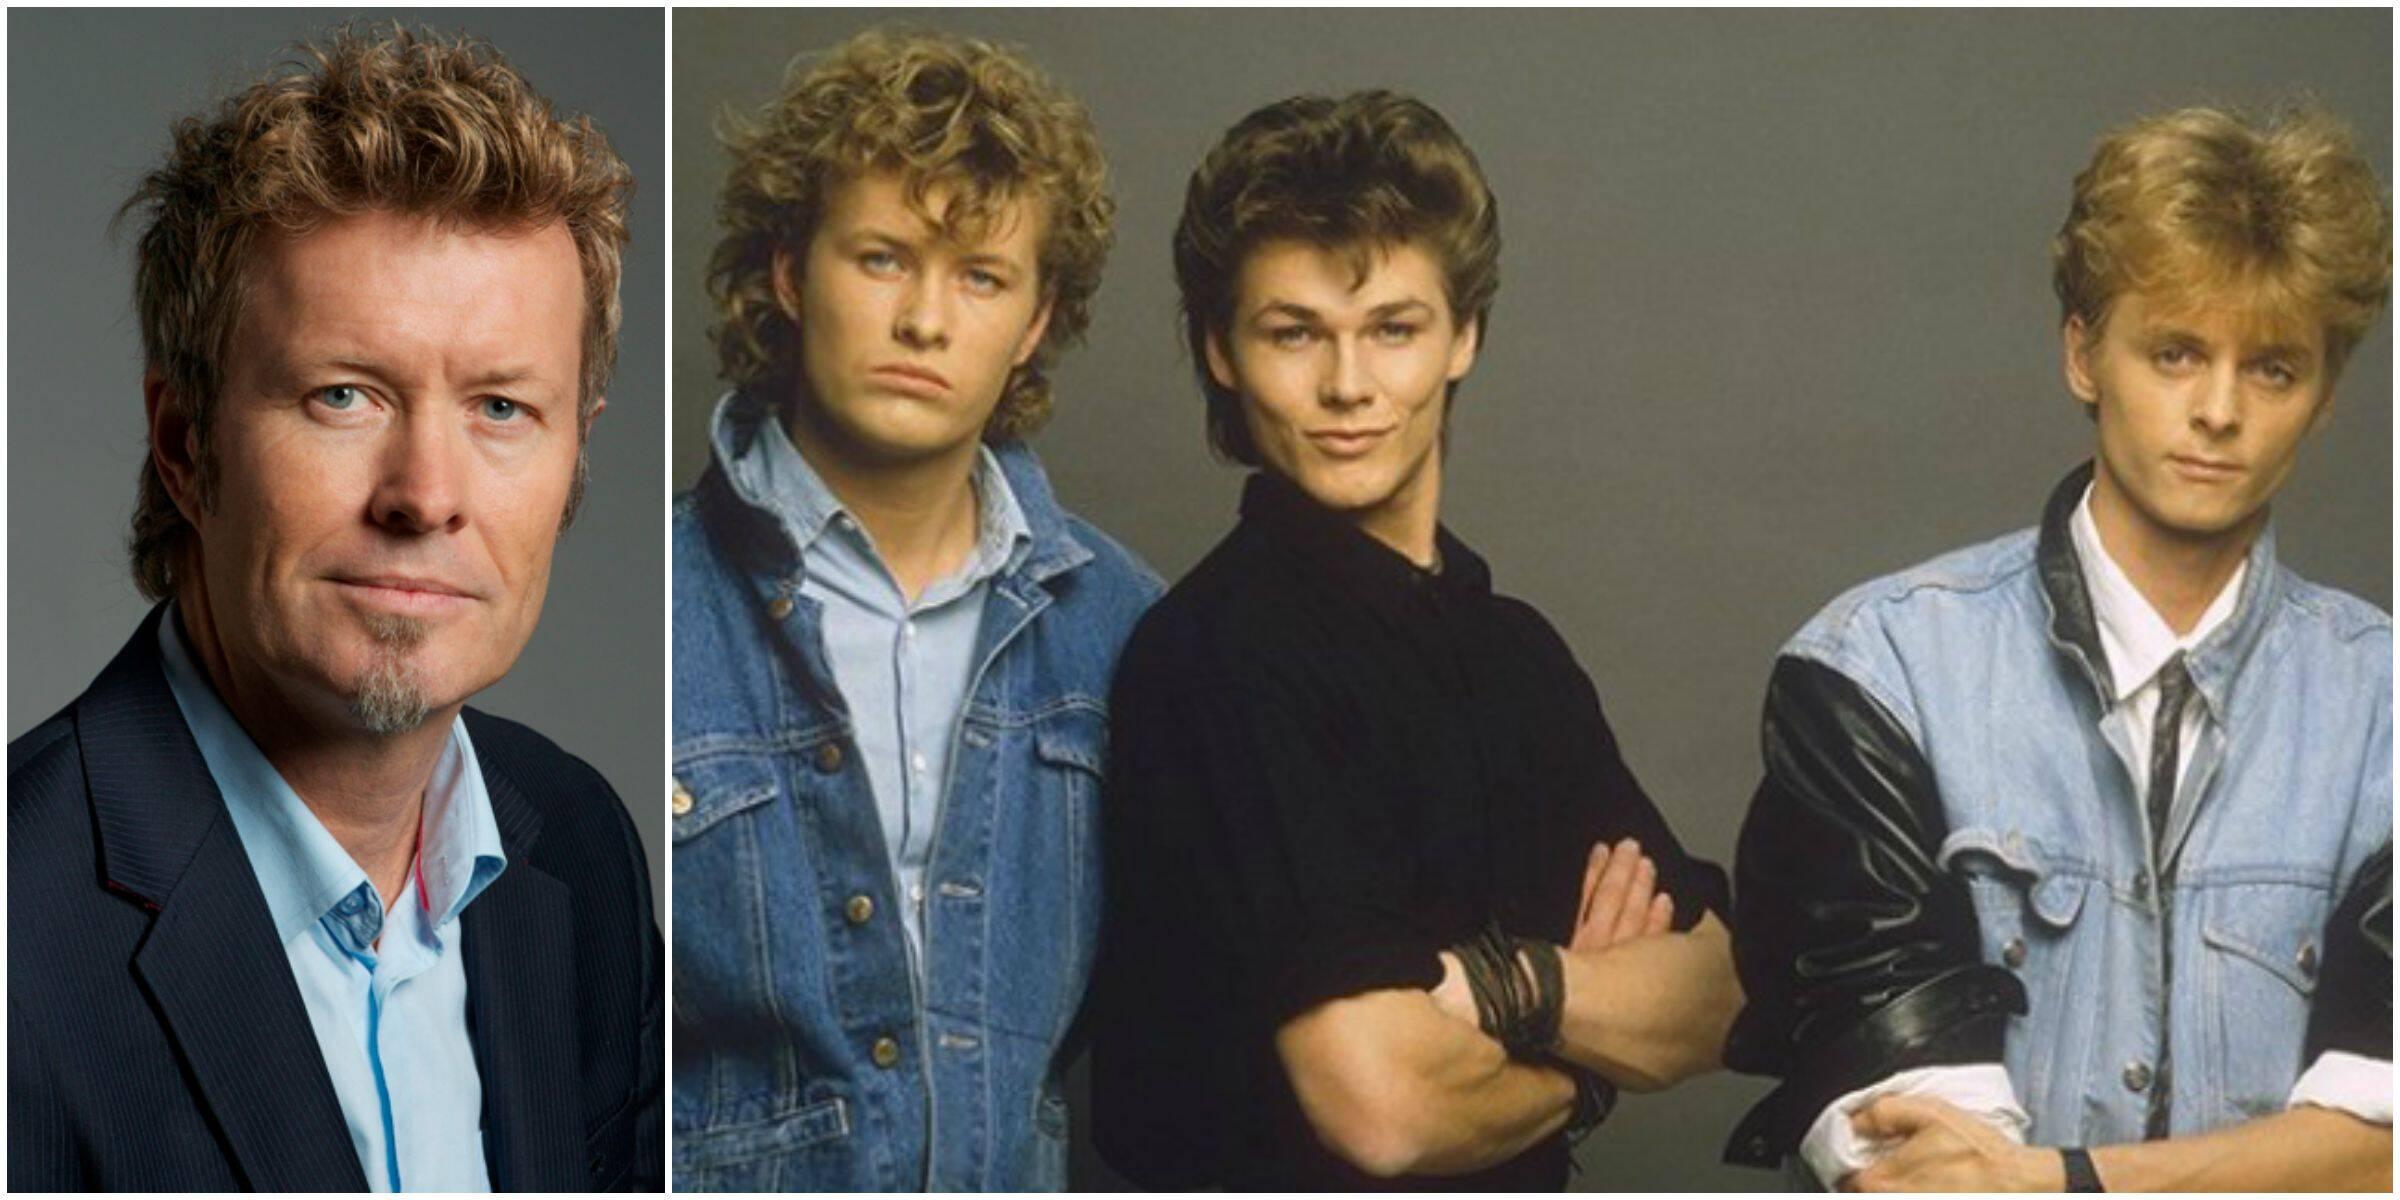 À esquerda, Magne, atualmente com 52 anos, e com os integrantes do A-ha, nos anos 80 - ele é o primeiro à esquerda / Foto: reprodução da internet